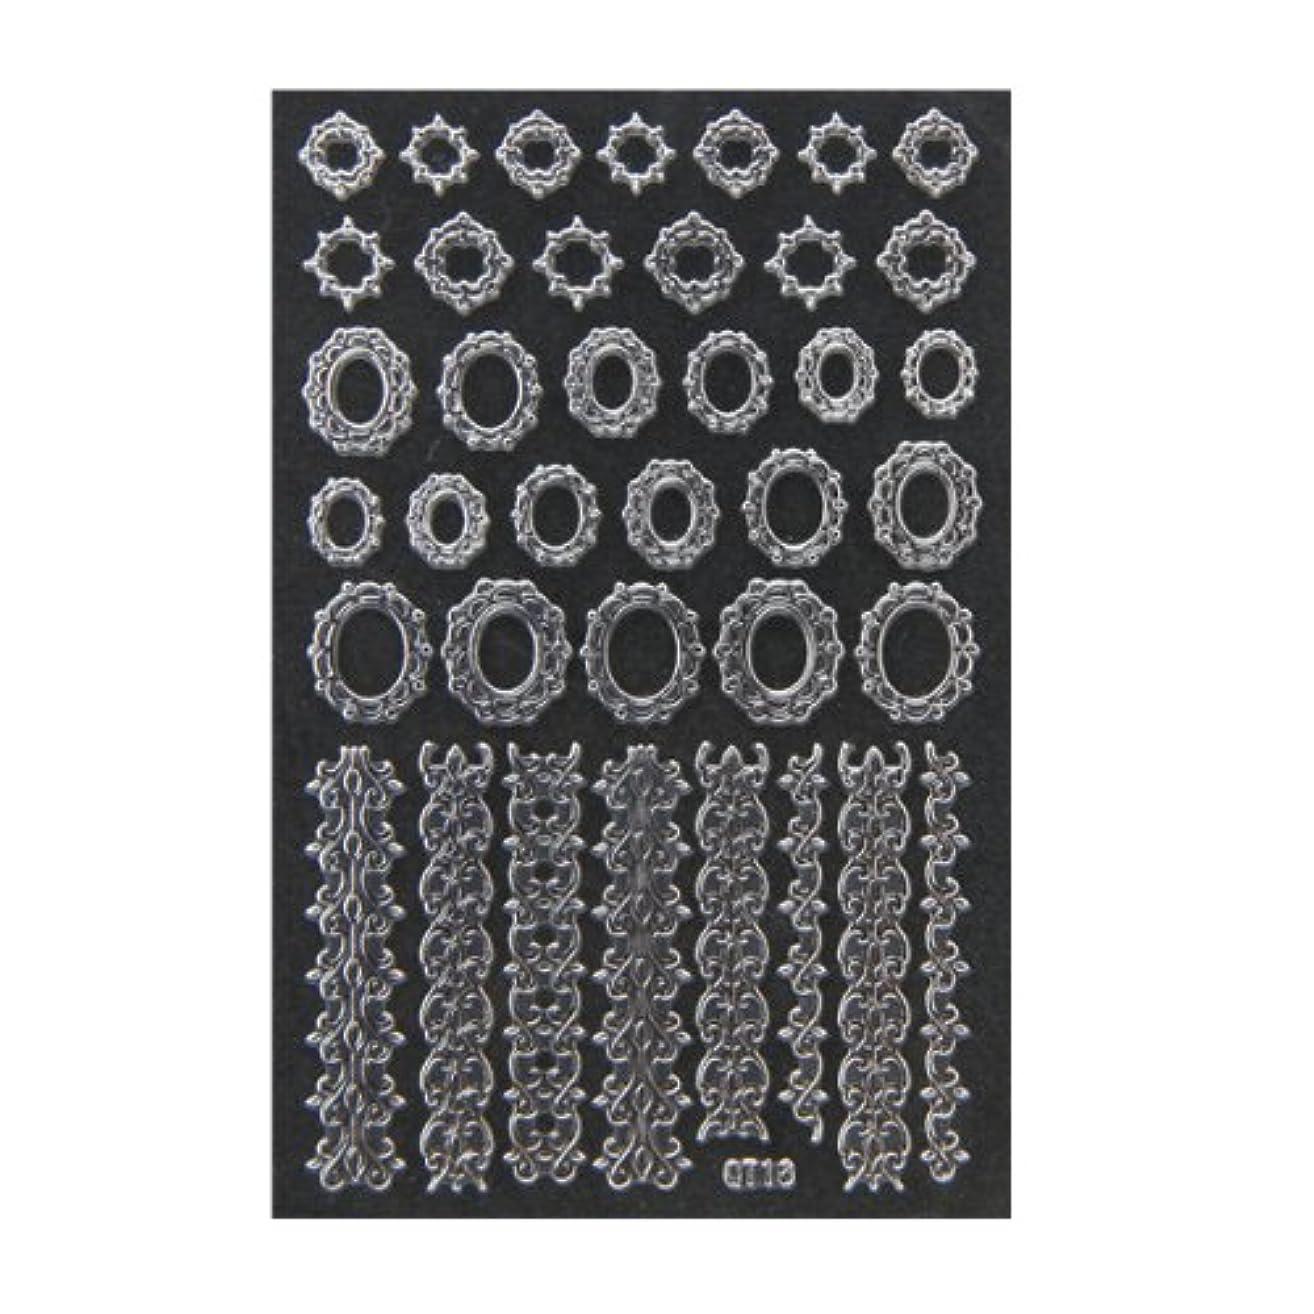 ベイビーわがまま極貧ネイルシール 3D ネイルシート ファッションネイル メタリックシール42 (ネイル用品)